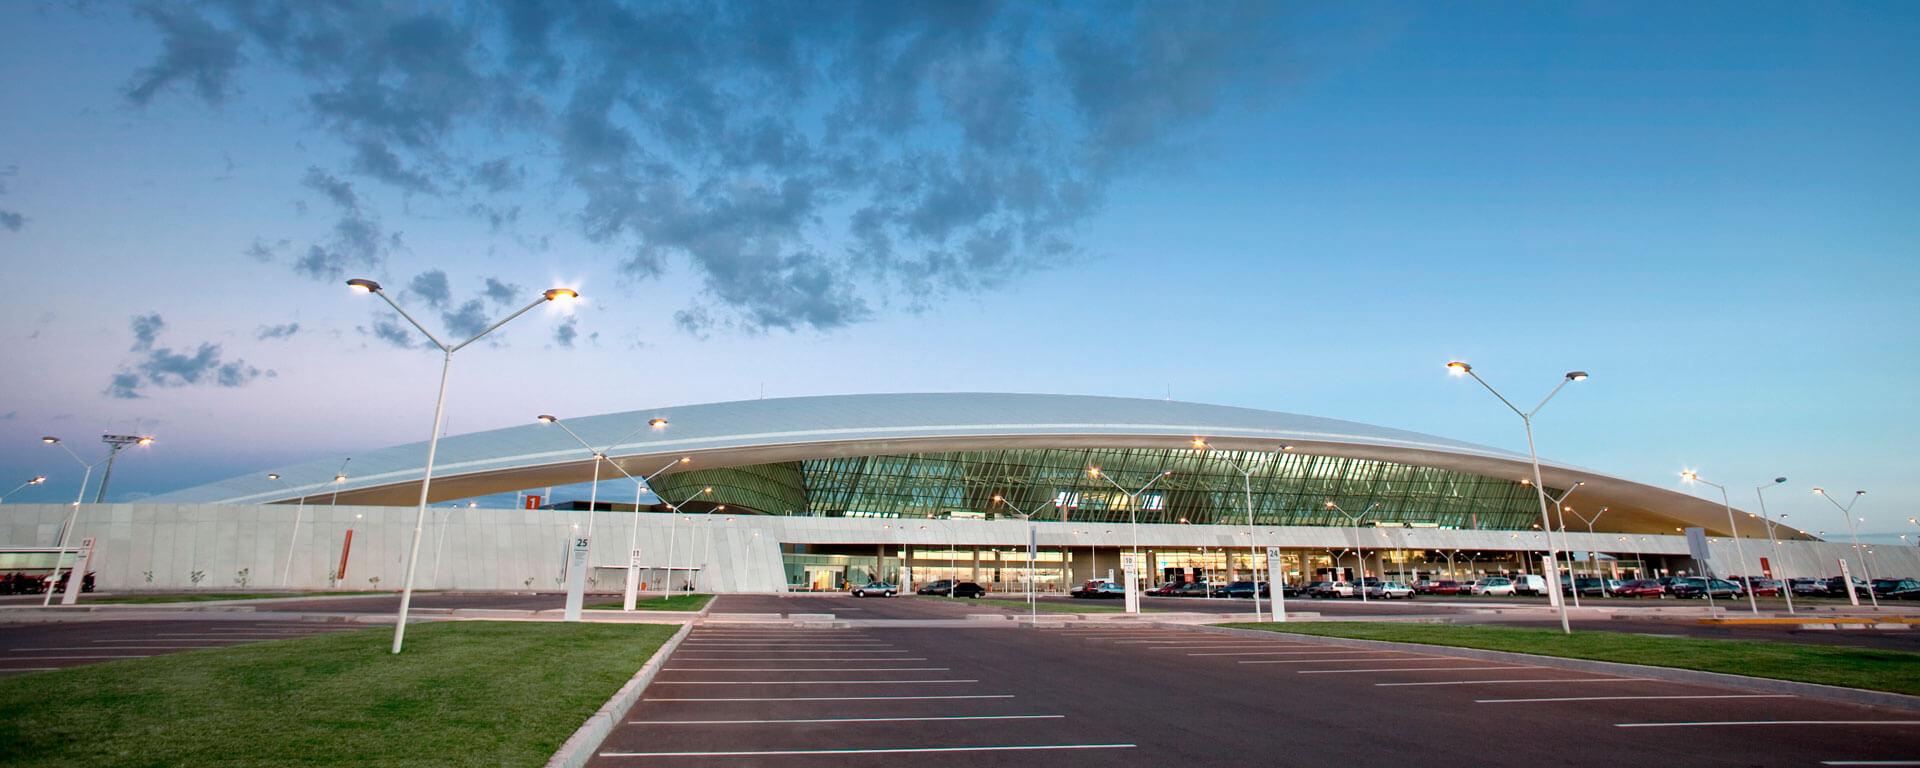 TCU – Terminal de Cargas del Uruguay, el primer aeropuerto libre de  Sudamérica